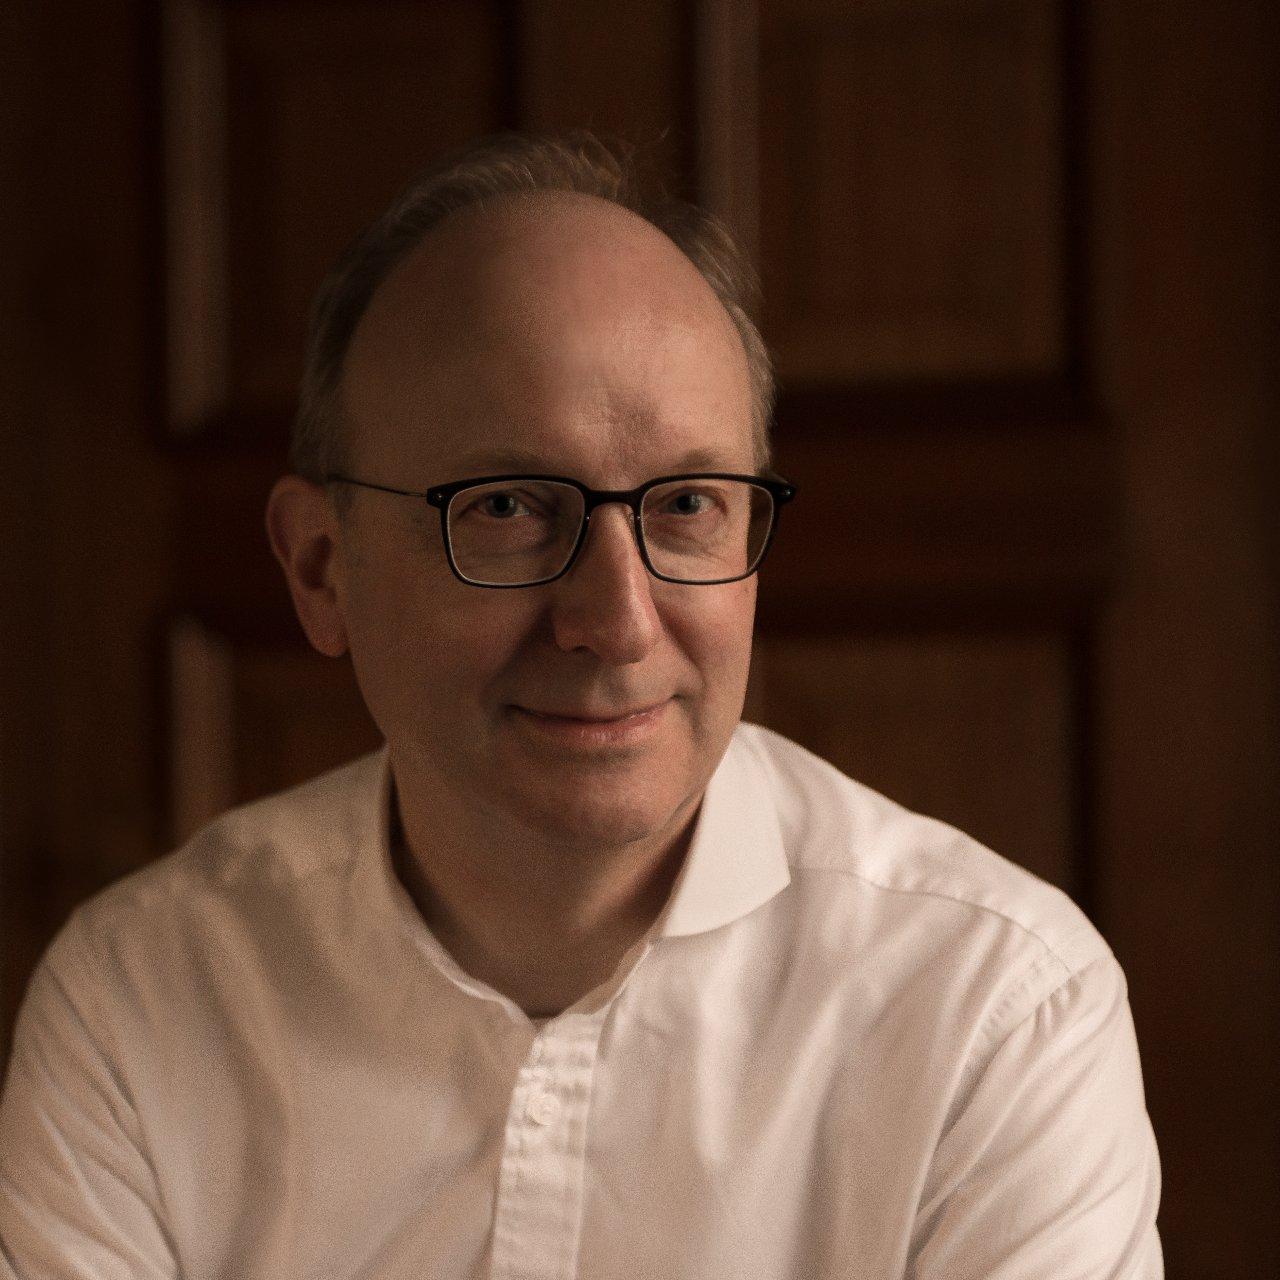 Portrait of David Titterington, smiling